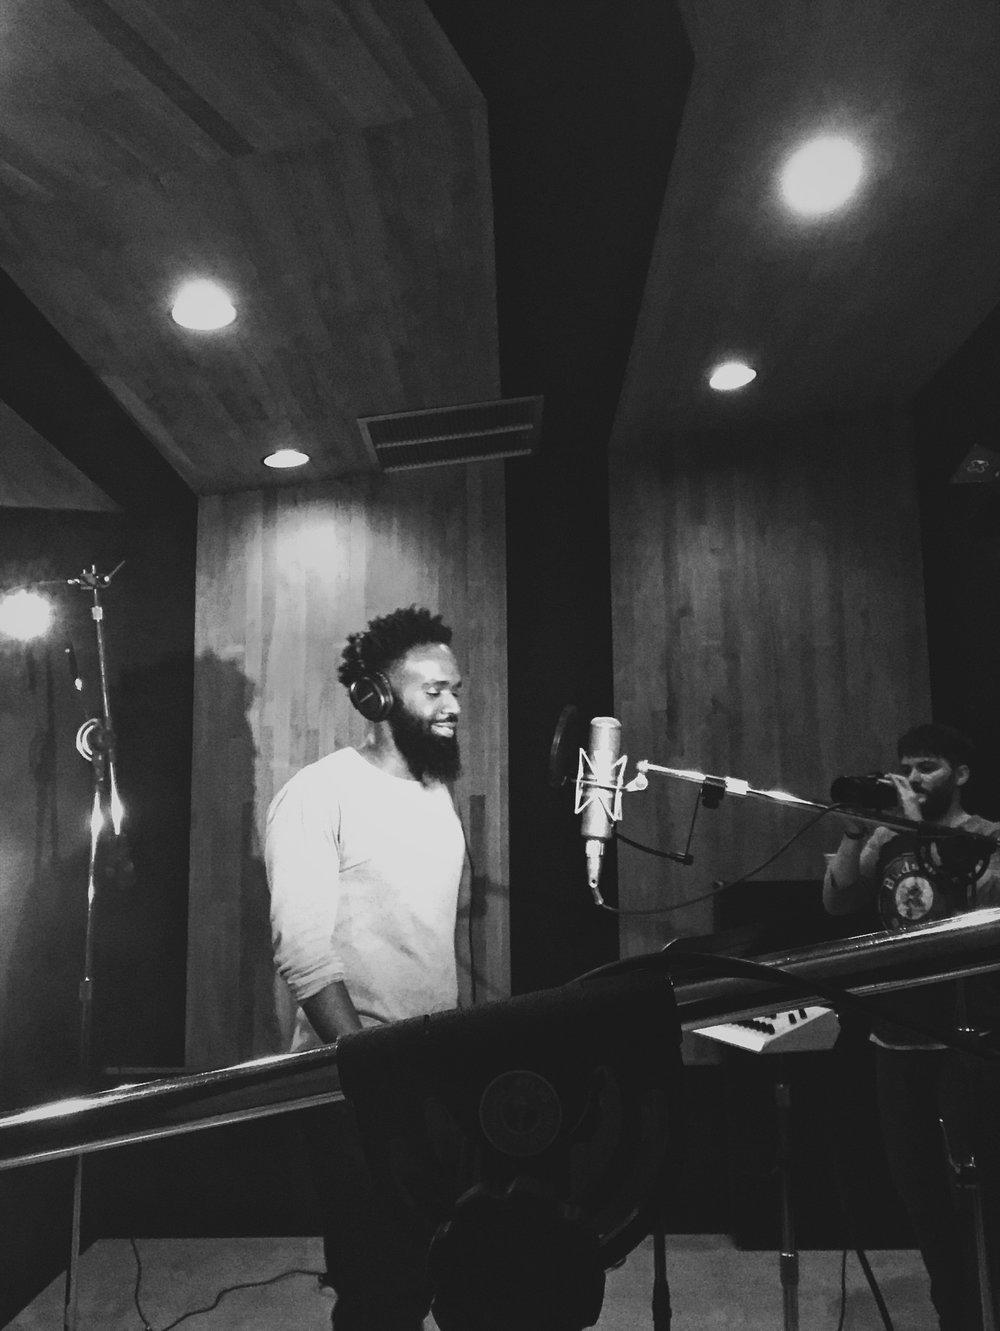 Alexandria, VA | Bias Studios |Apr. 2017